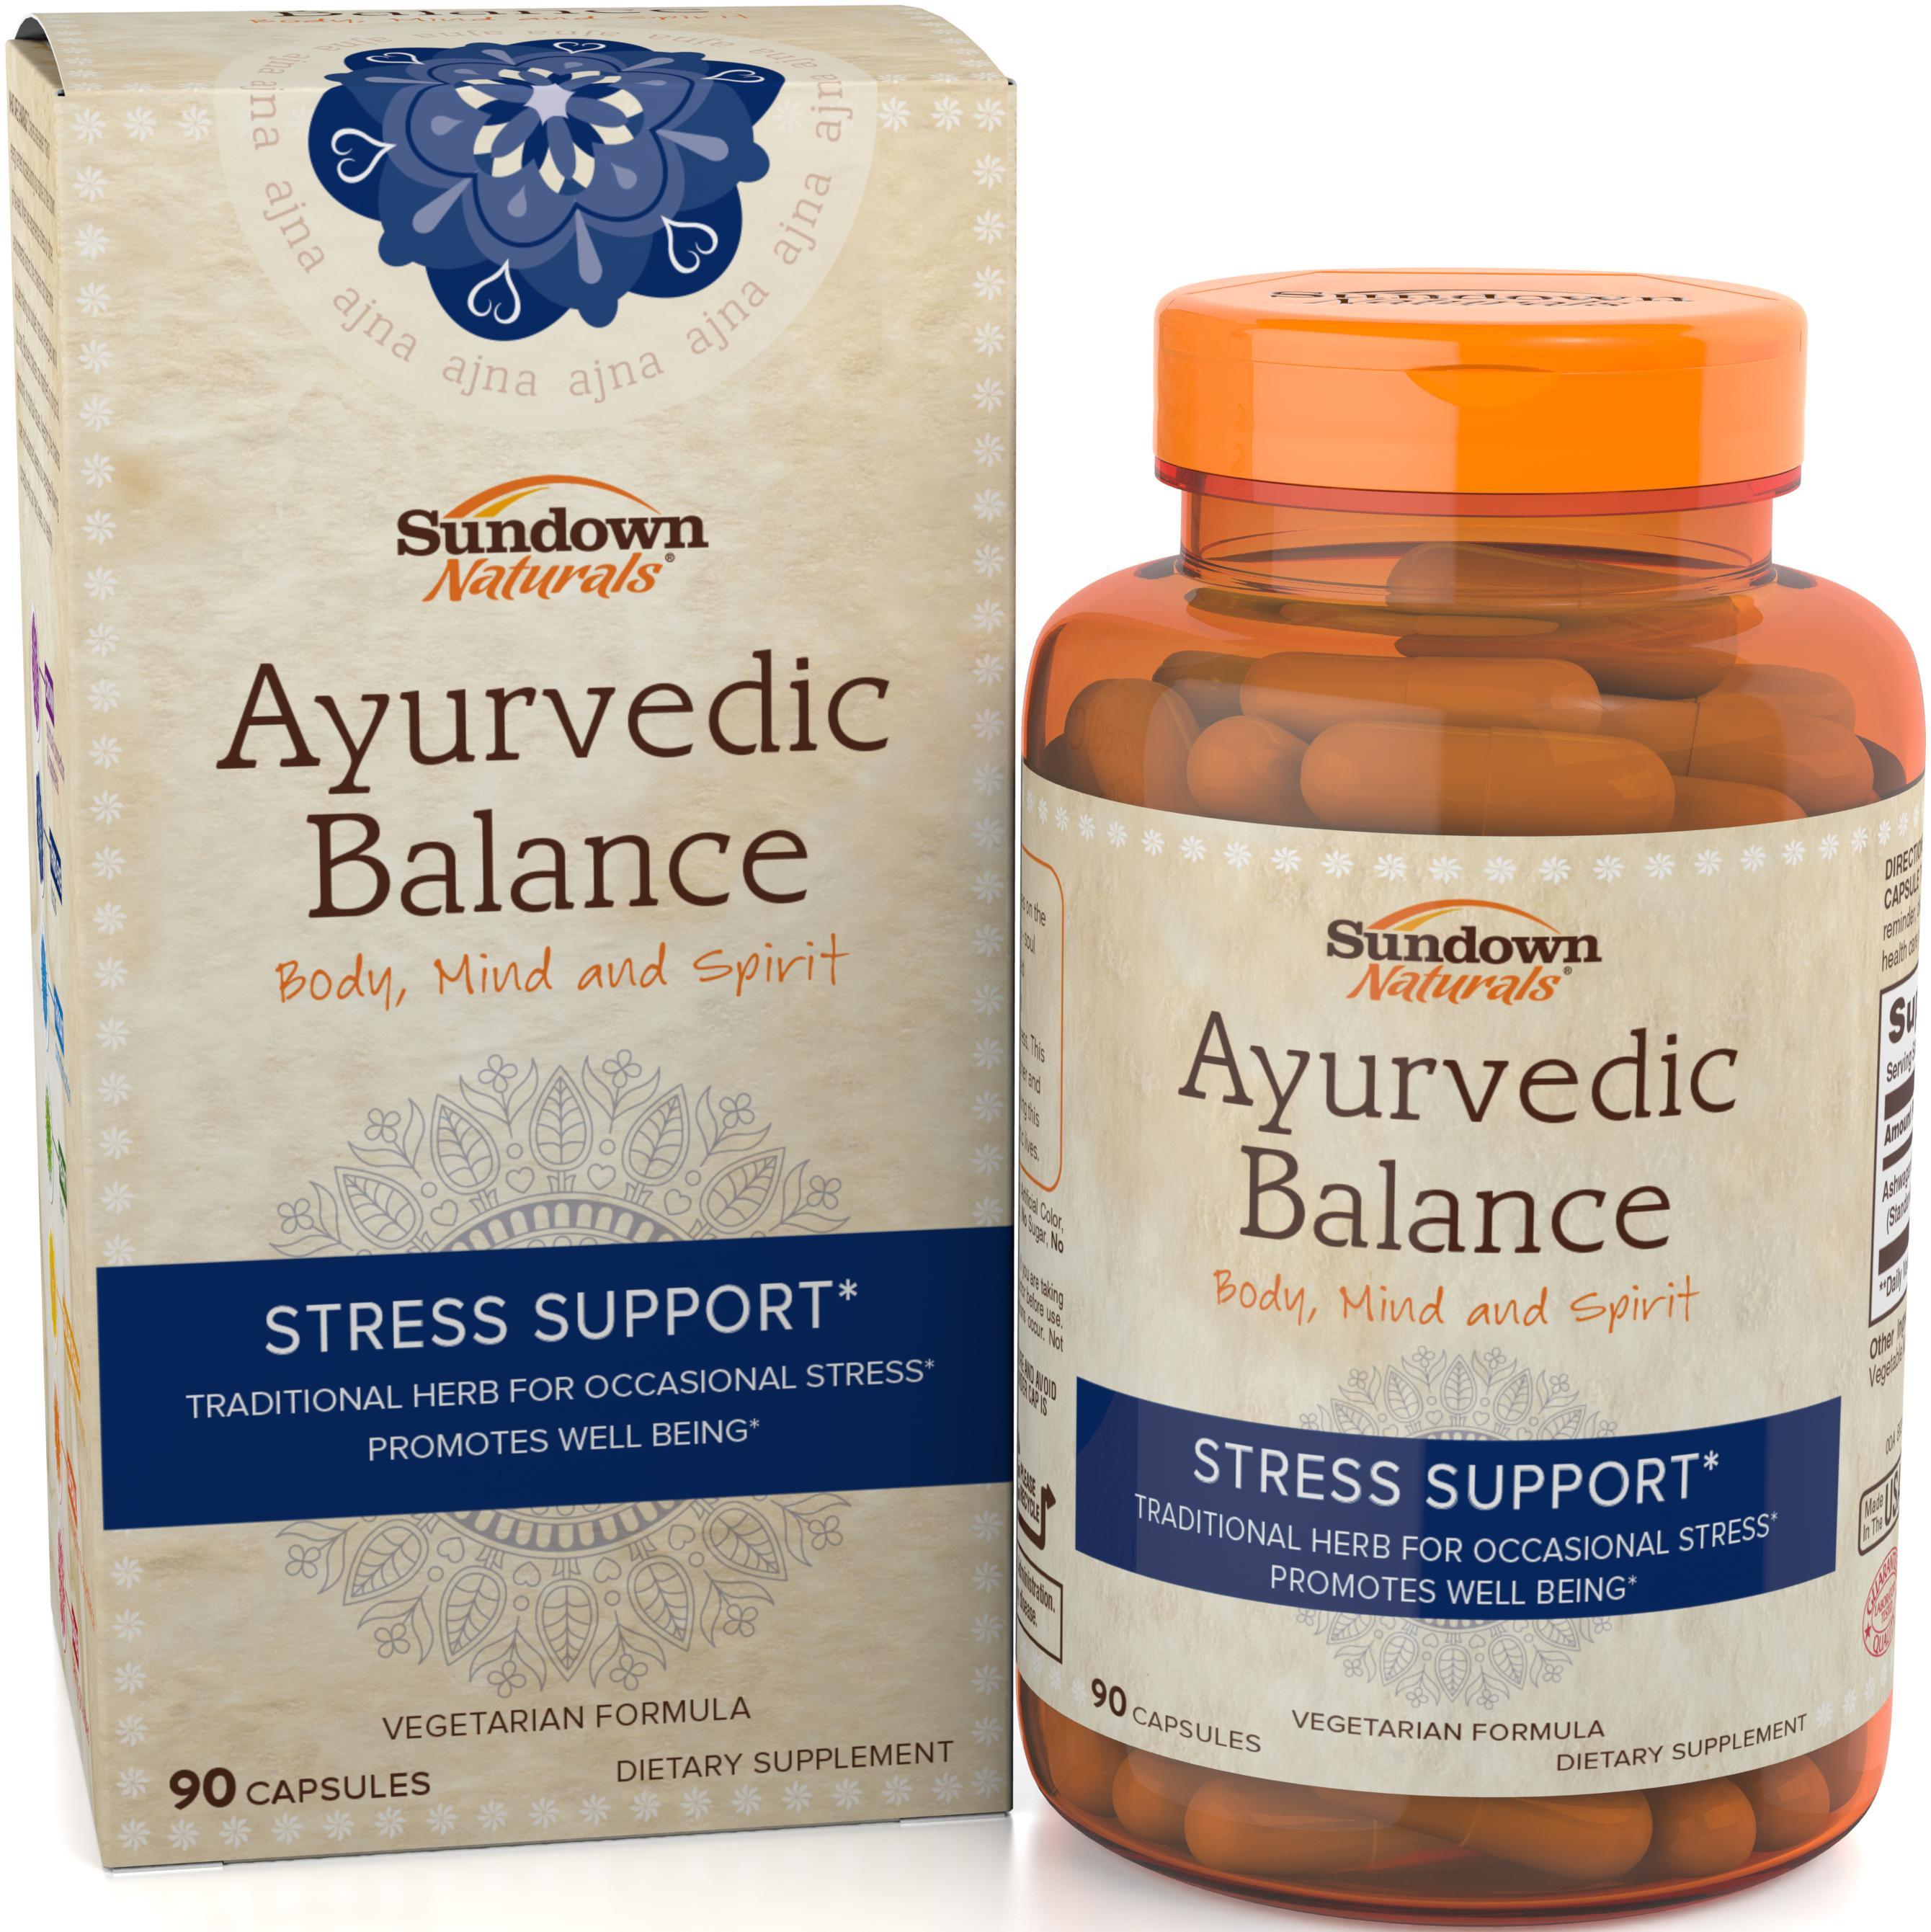 Sundown Natural Stress Formula Reviews